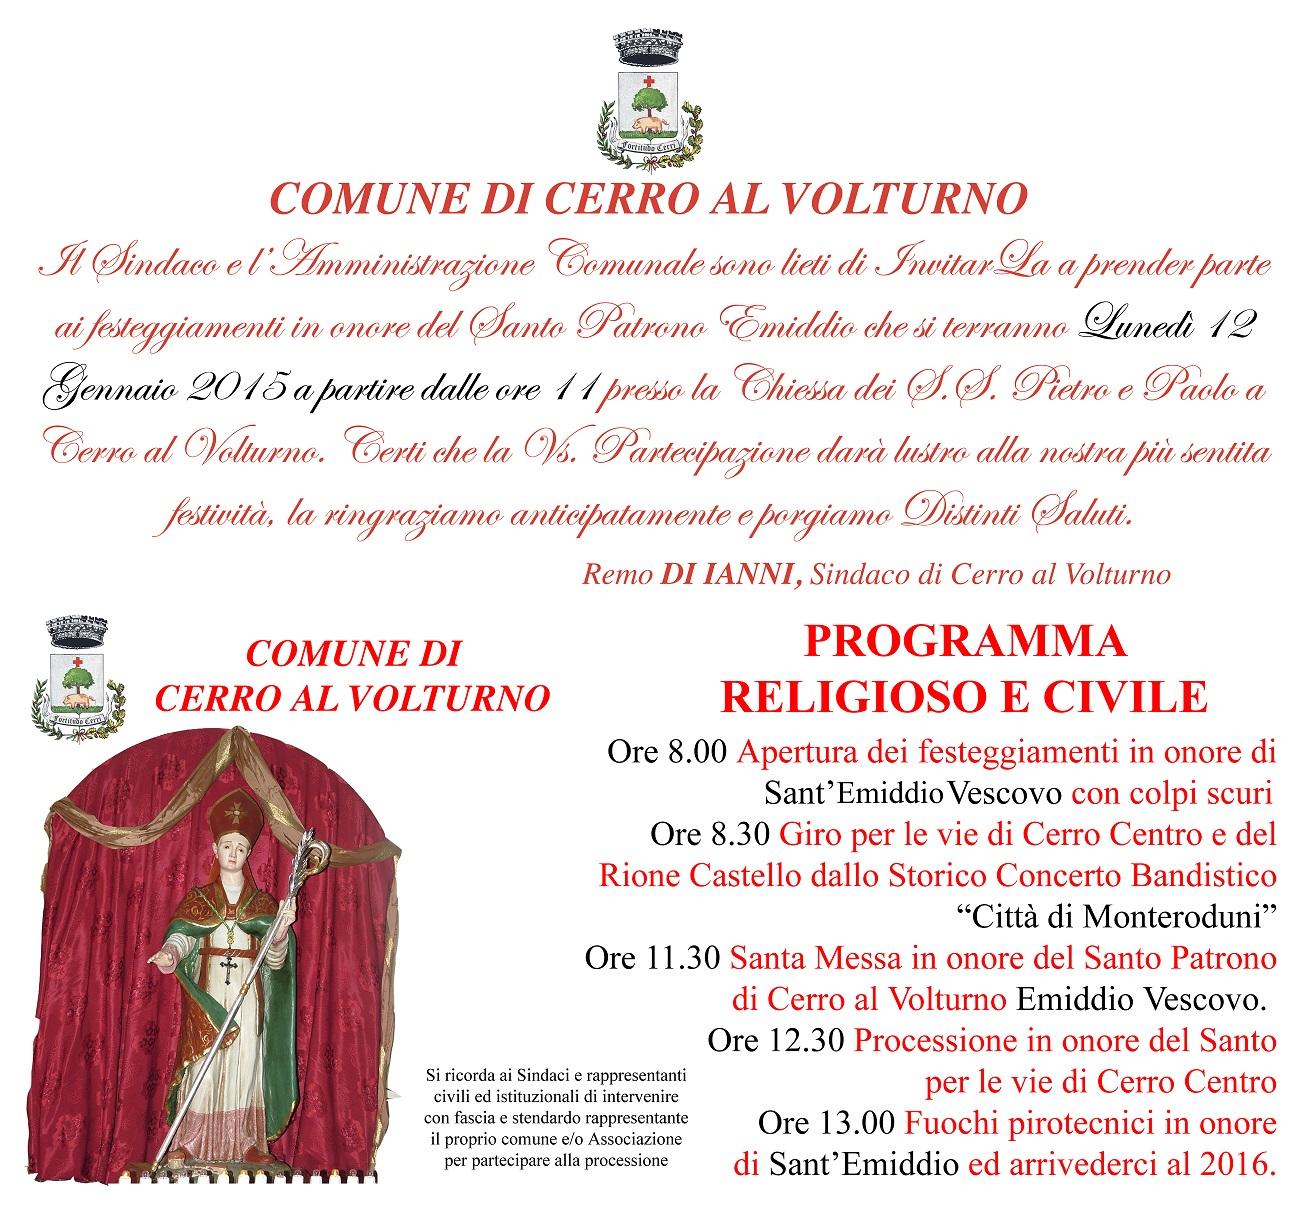 Invito Sant'Emiddio 2015